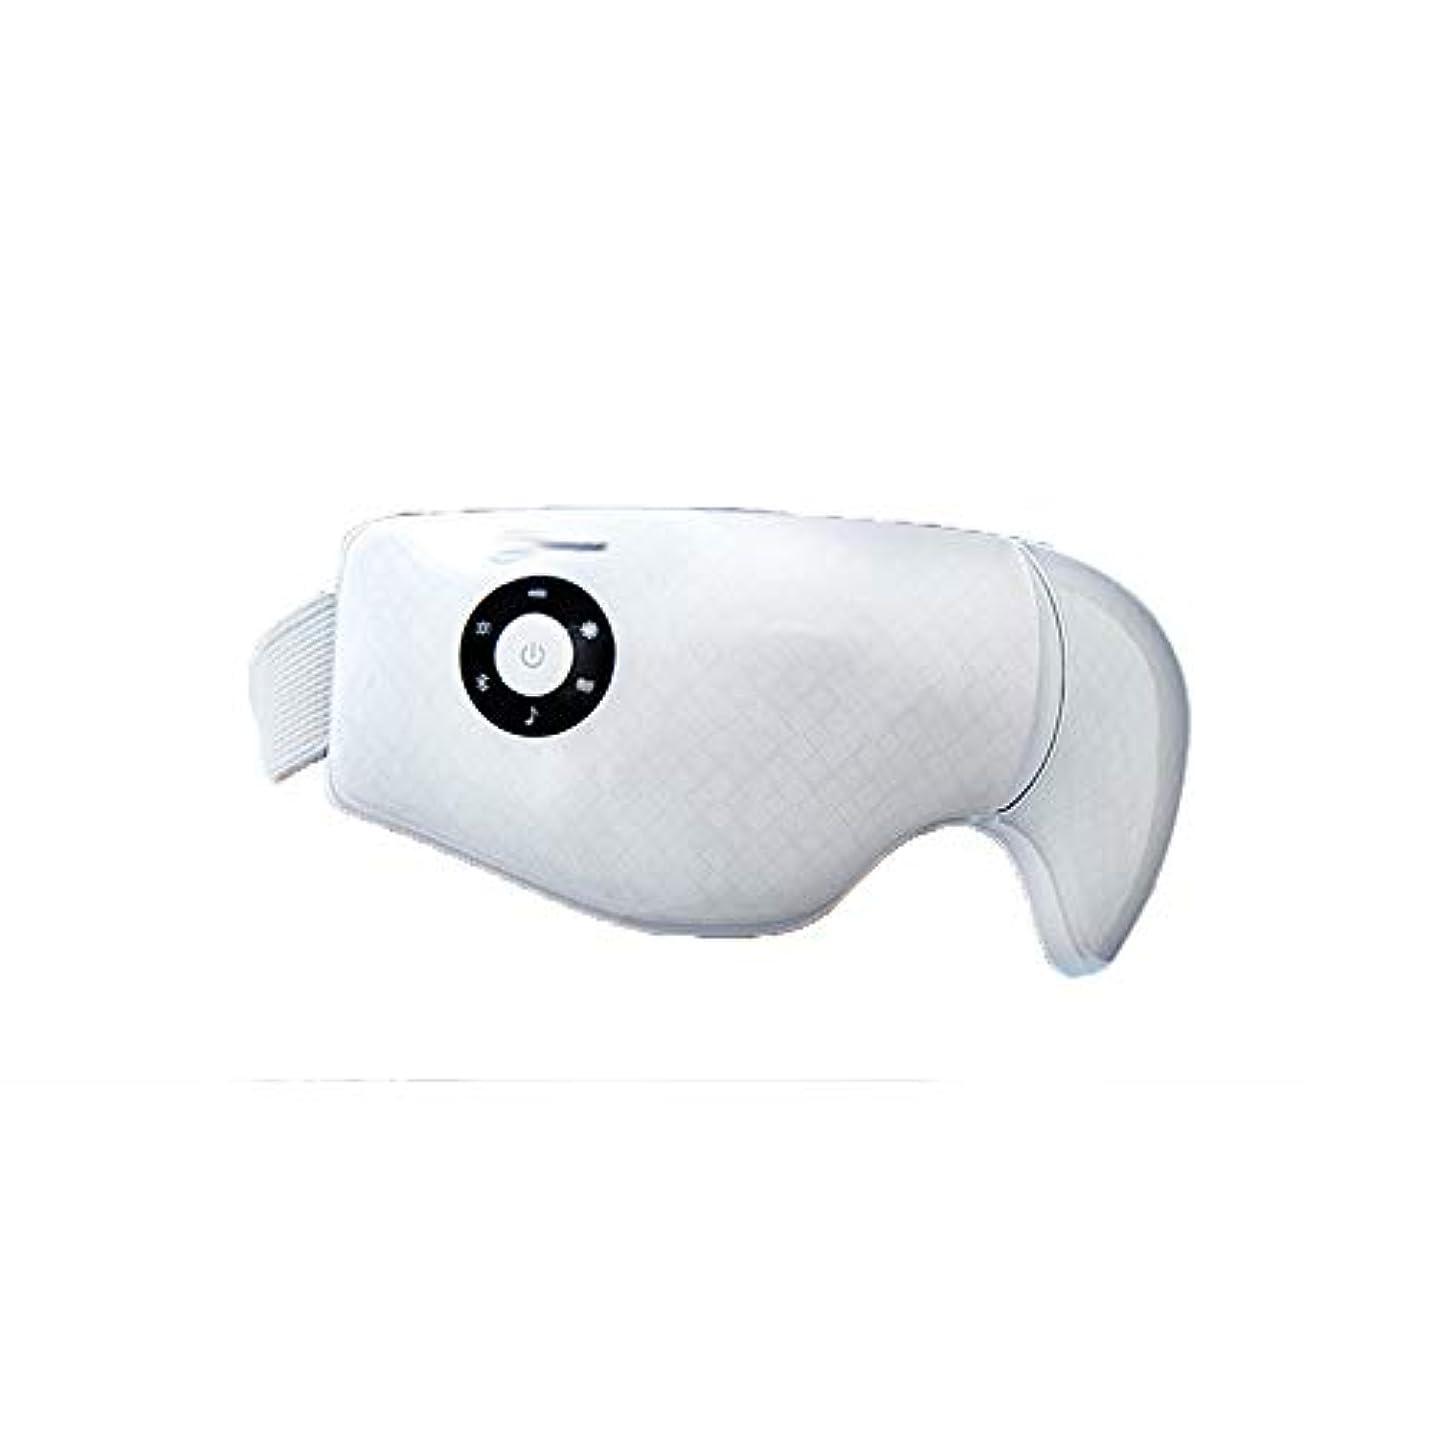 通り作り上げる申し立てられたマッサージャー - マッサージャーは、黒丸を回復するために近視をホット圧縮します (色 : 白)